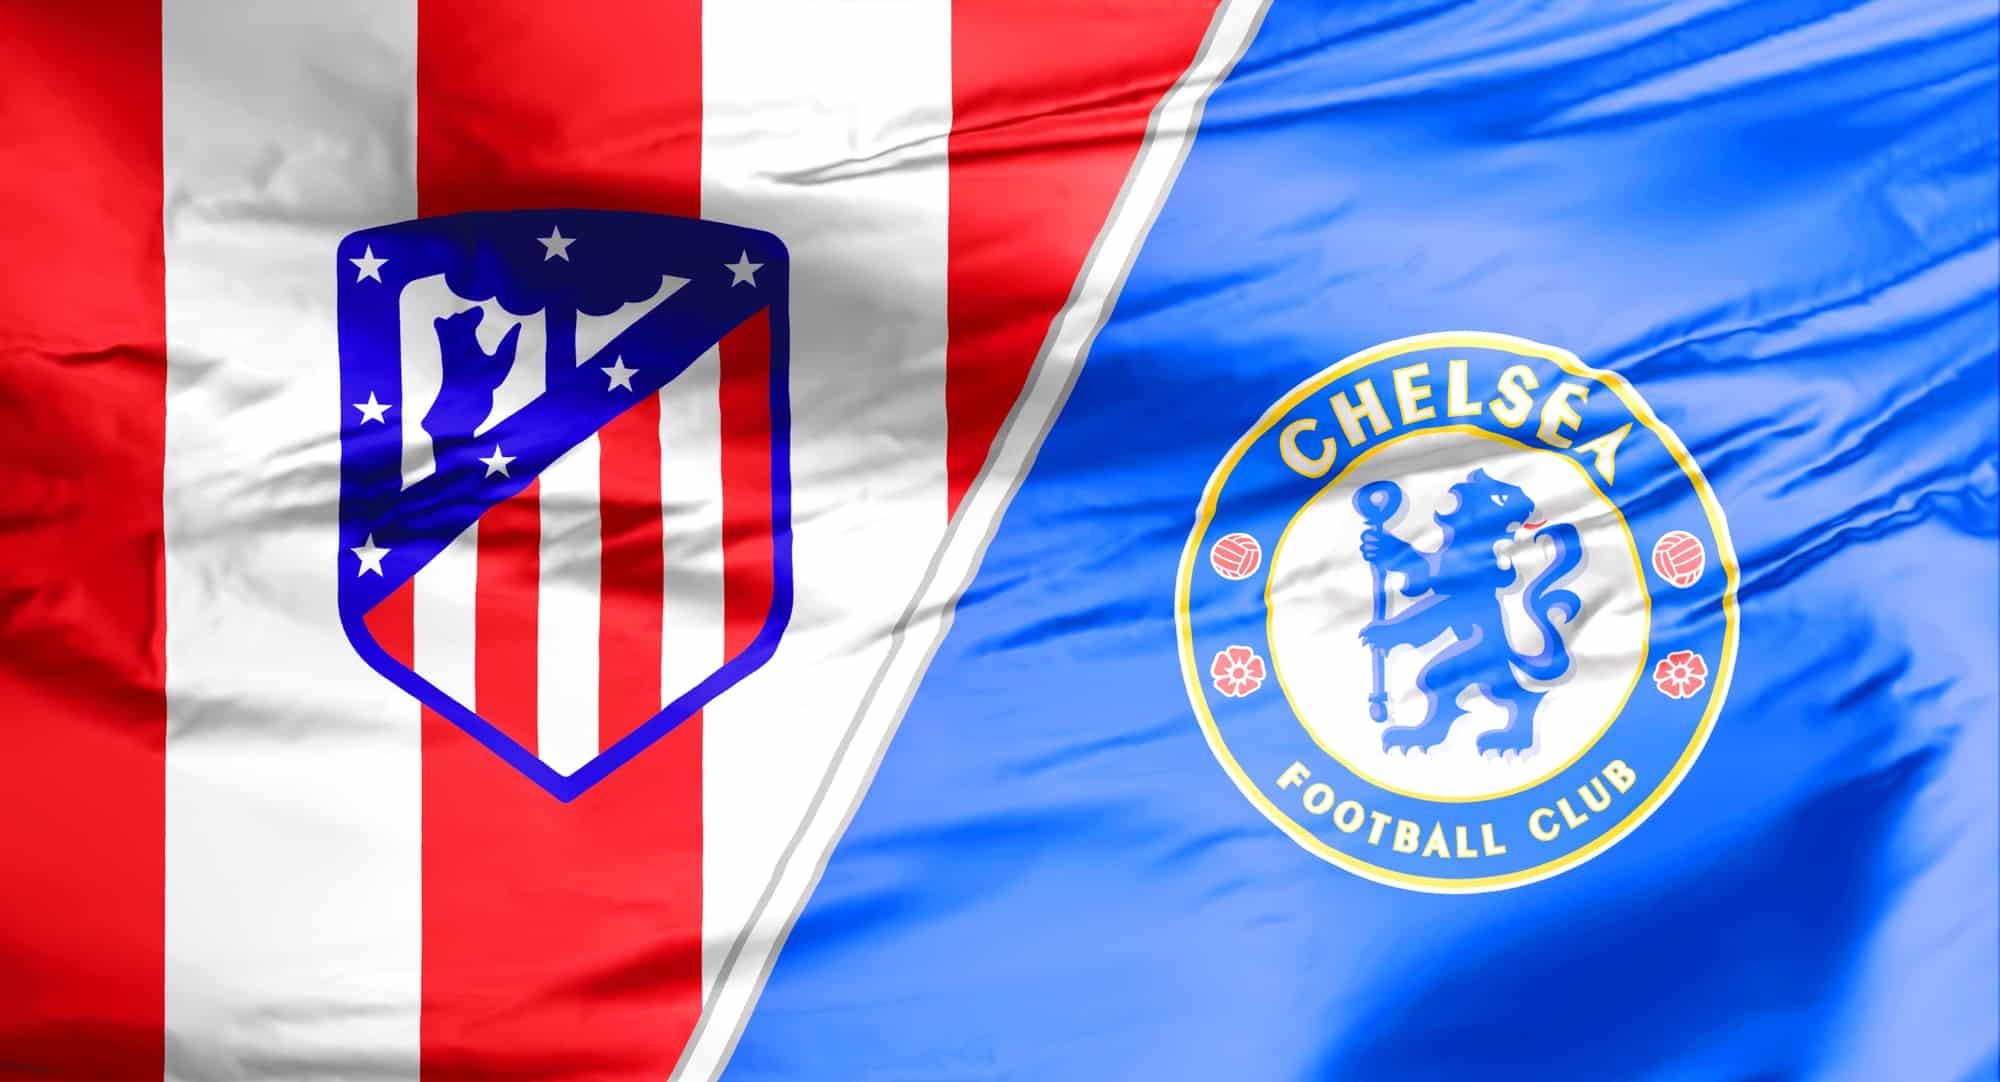 Atletico Madrid vs Chelsea